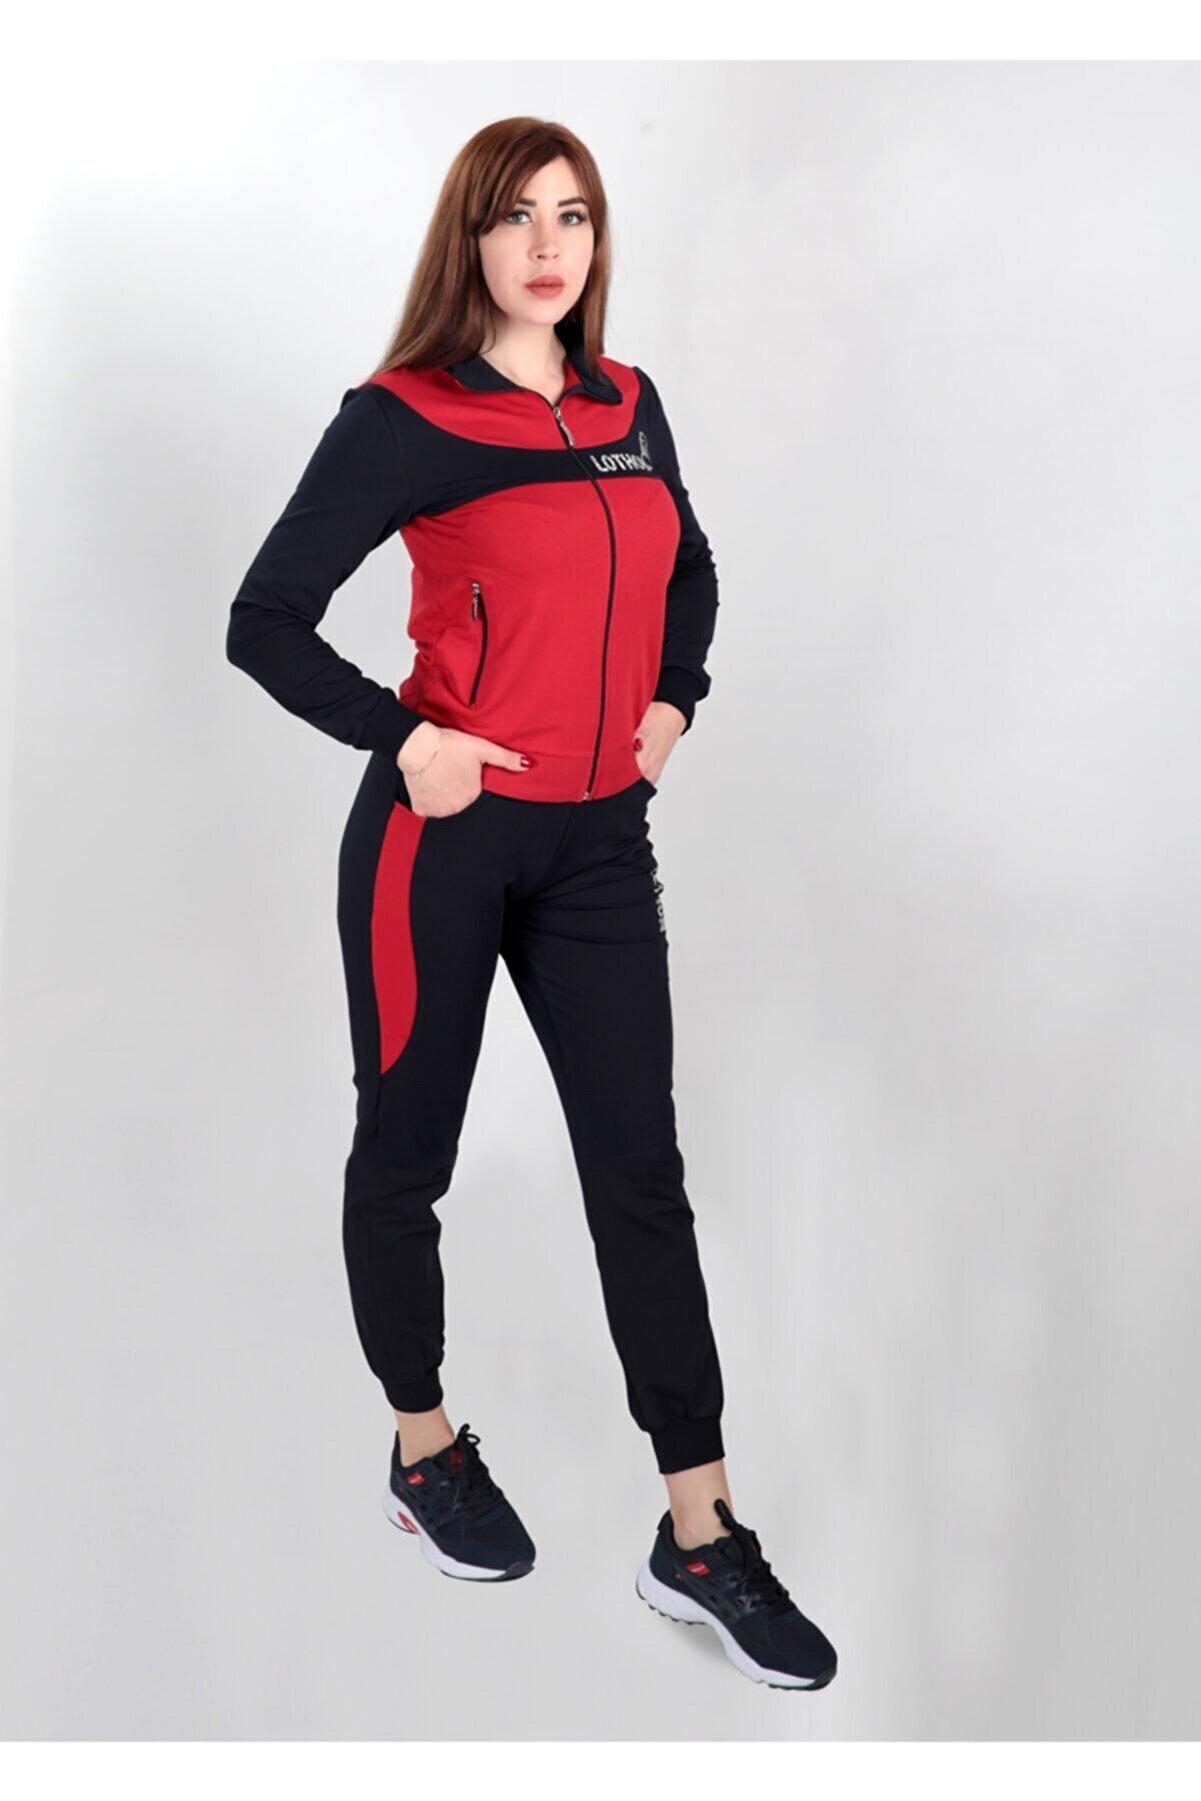 LOTHON Kadın Kırmızı Eşofman Takımı